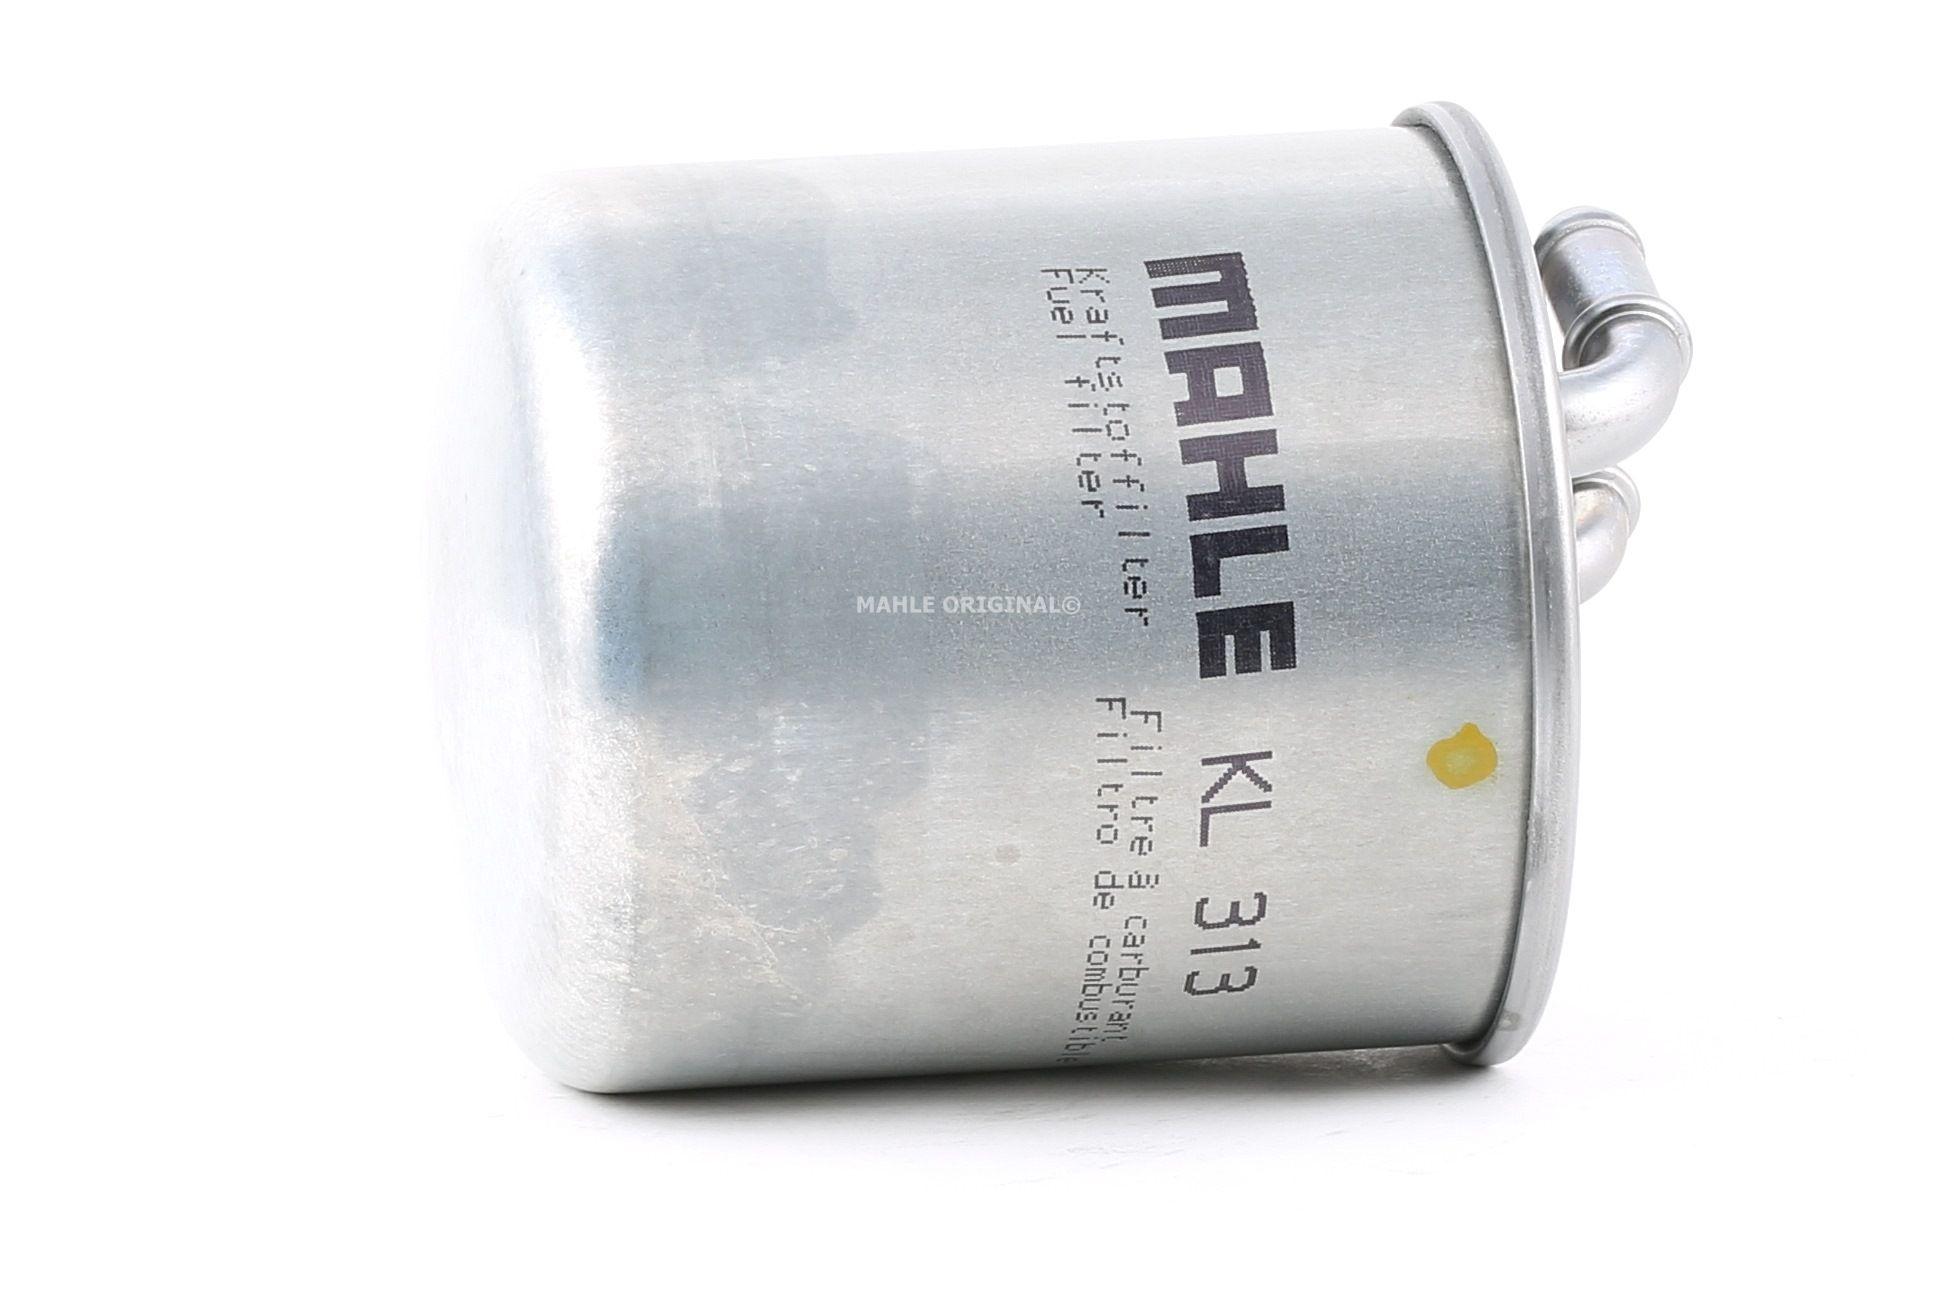 Achat de 79920767 MAHLE ORIGINAL Filtre de conduite Hauteur: 120mm, Diamètre du boîtier: 87mm Filtre à carburant KL 313 pas chères